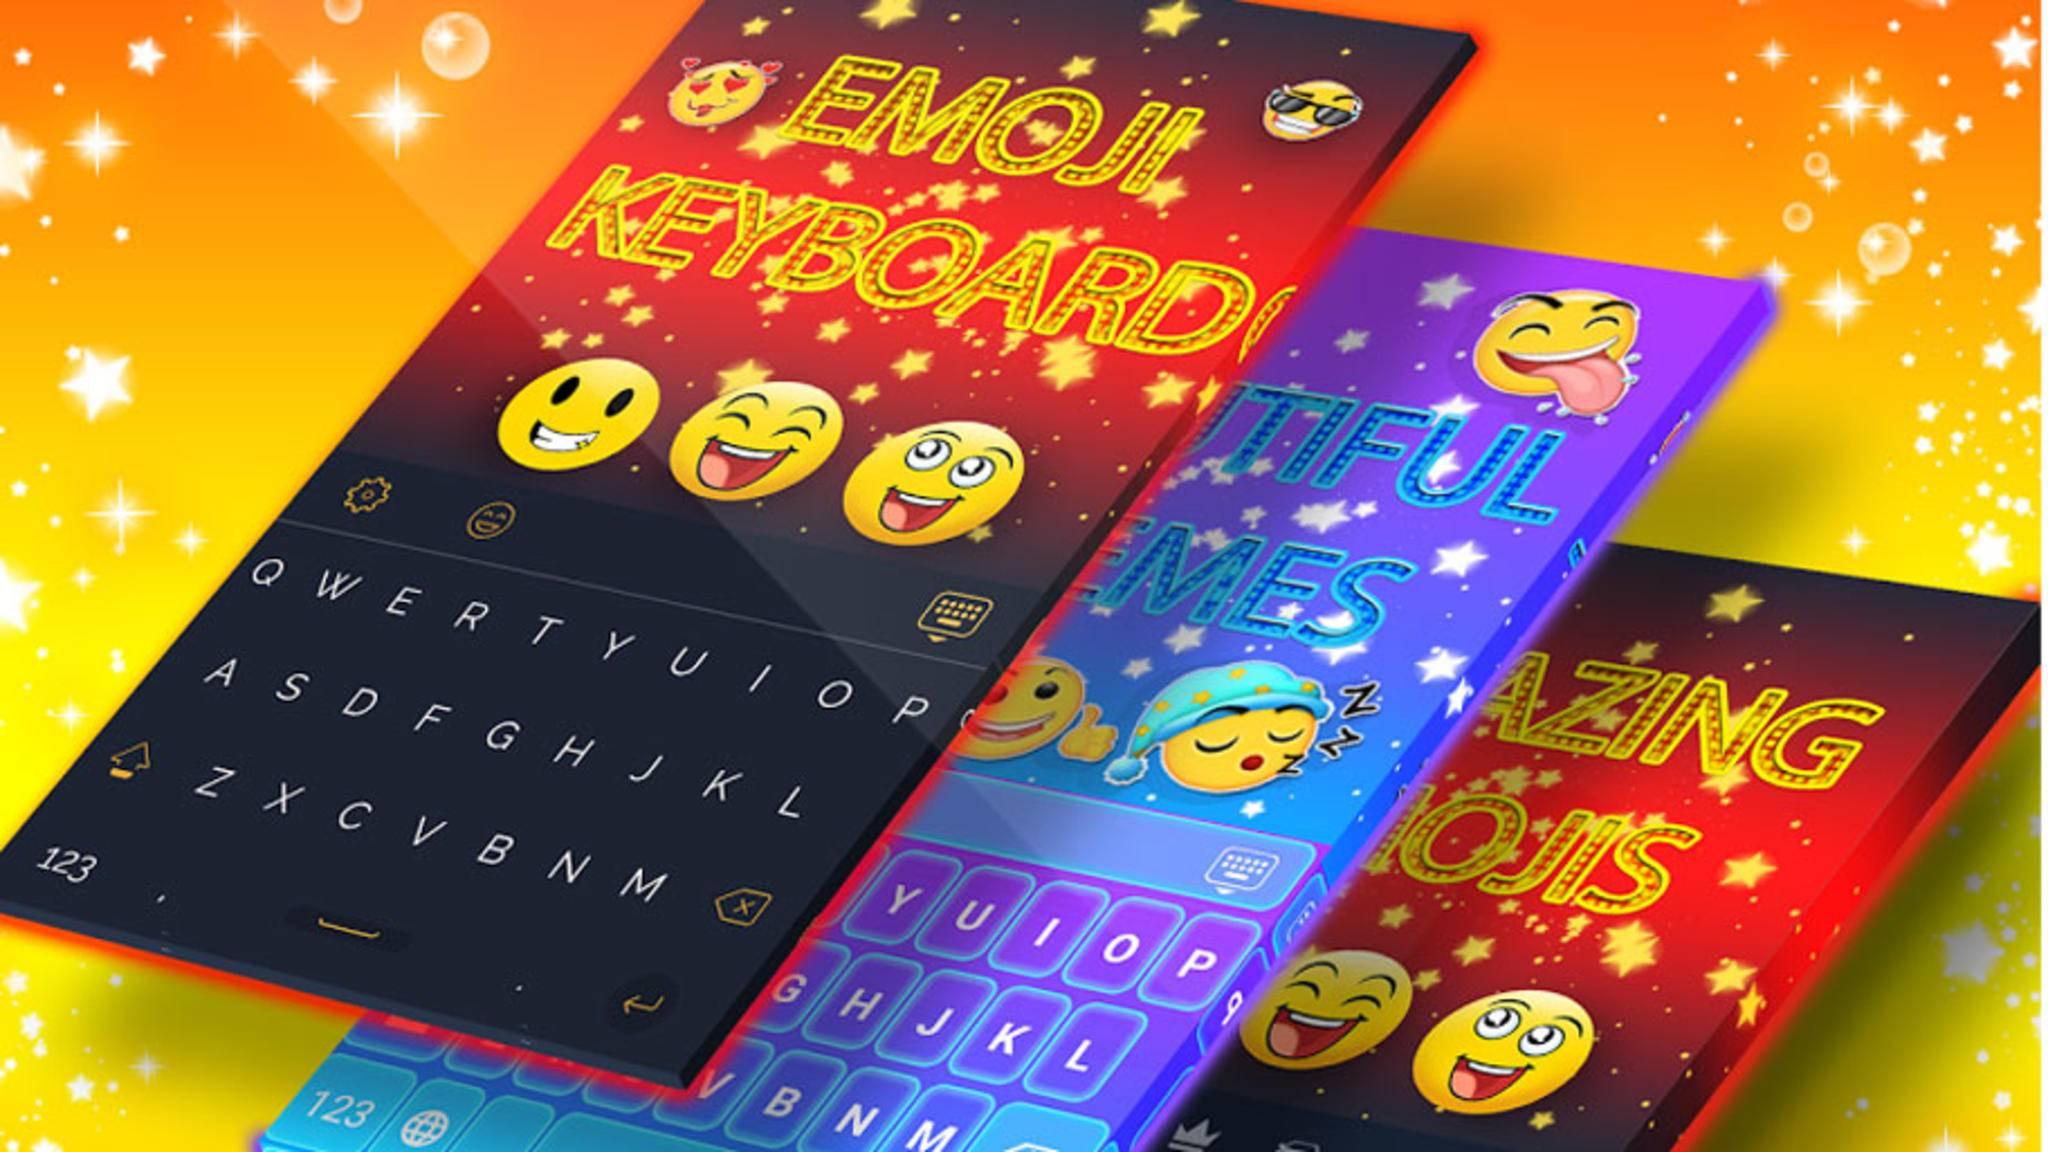 Wer Emojis mag, wird dieses Keyboard lieben.